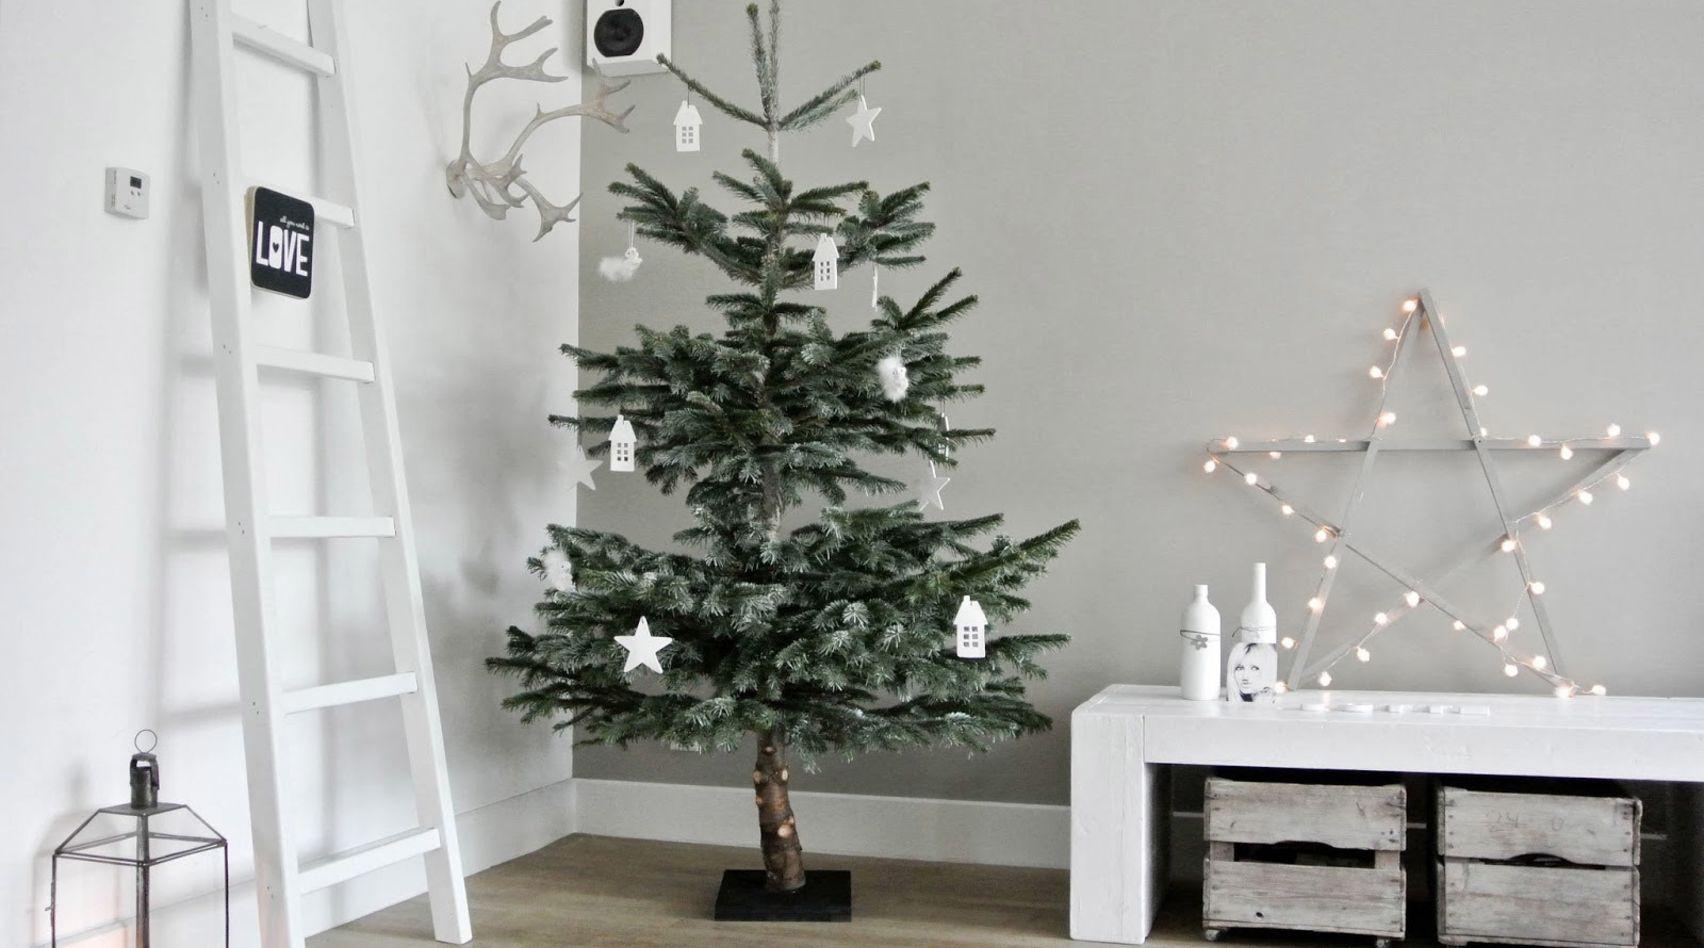 weihnachtsbaum schmücken so geht's richtig  wohnzimmer